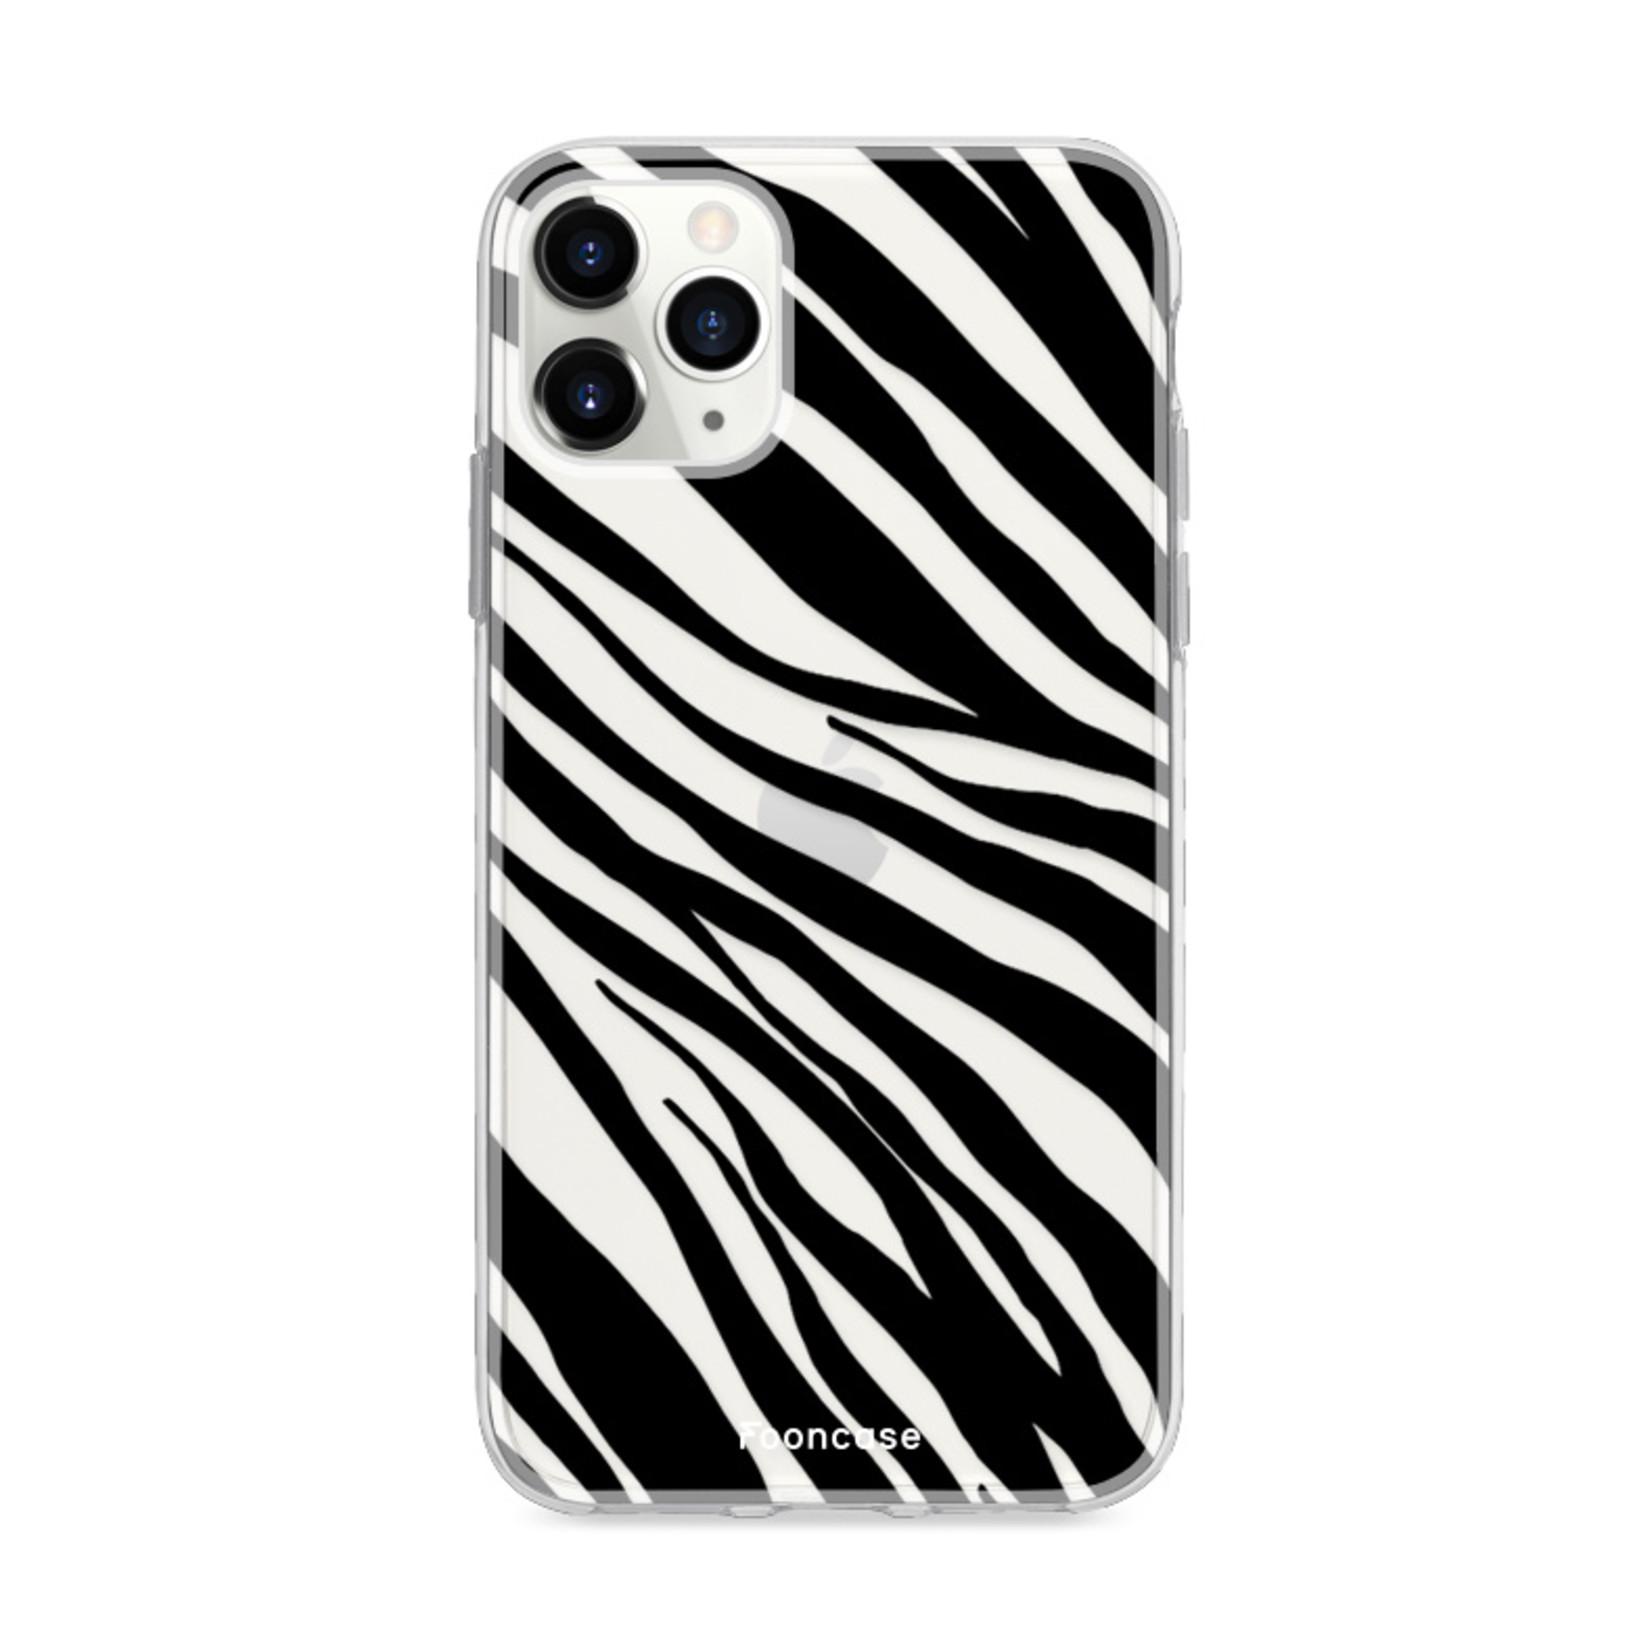 FOONCASE IPhone 11 Pro Max Handyhülle - Zebra